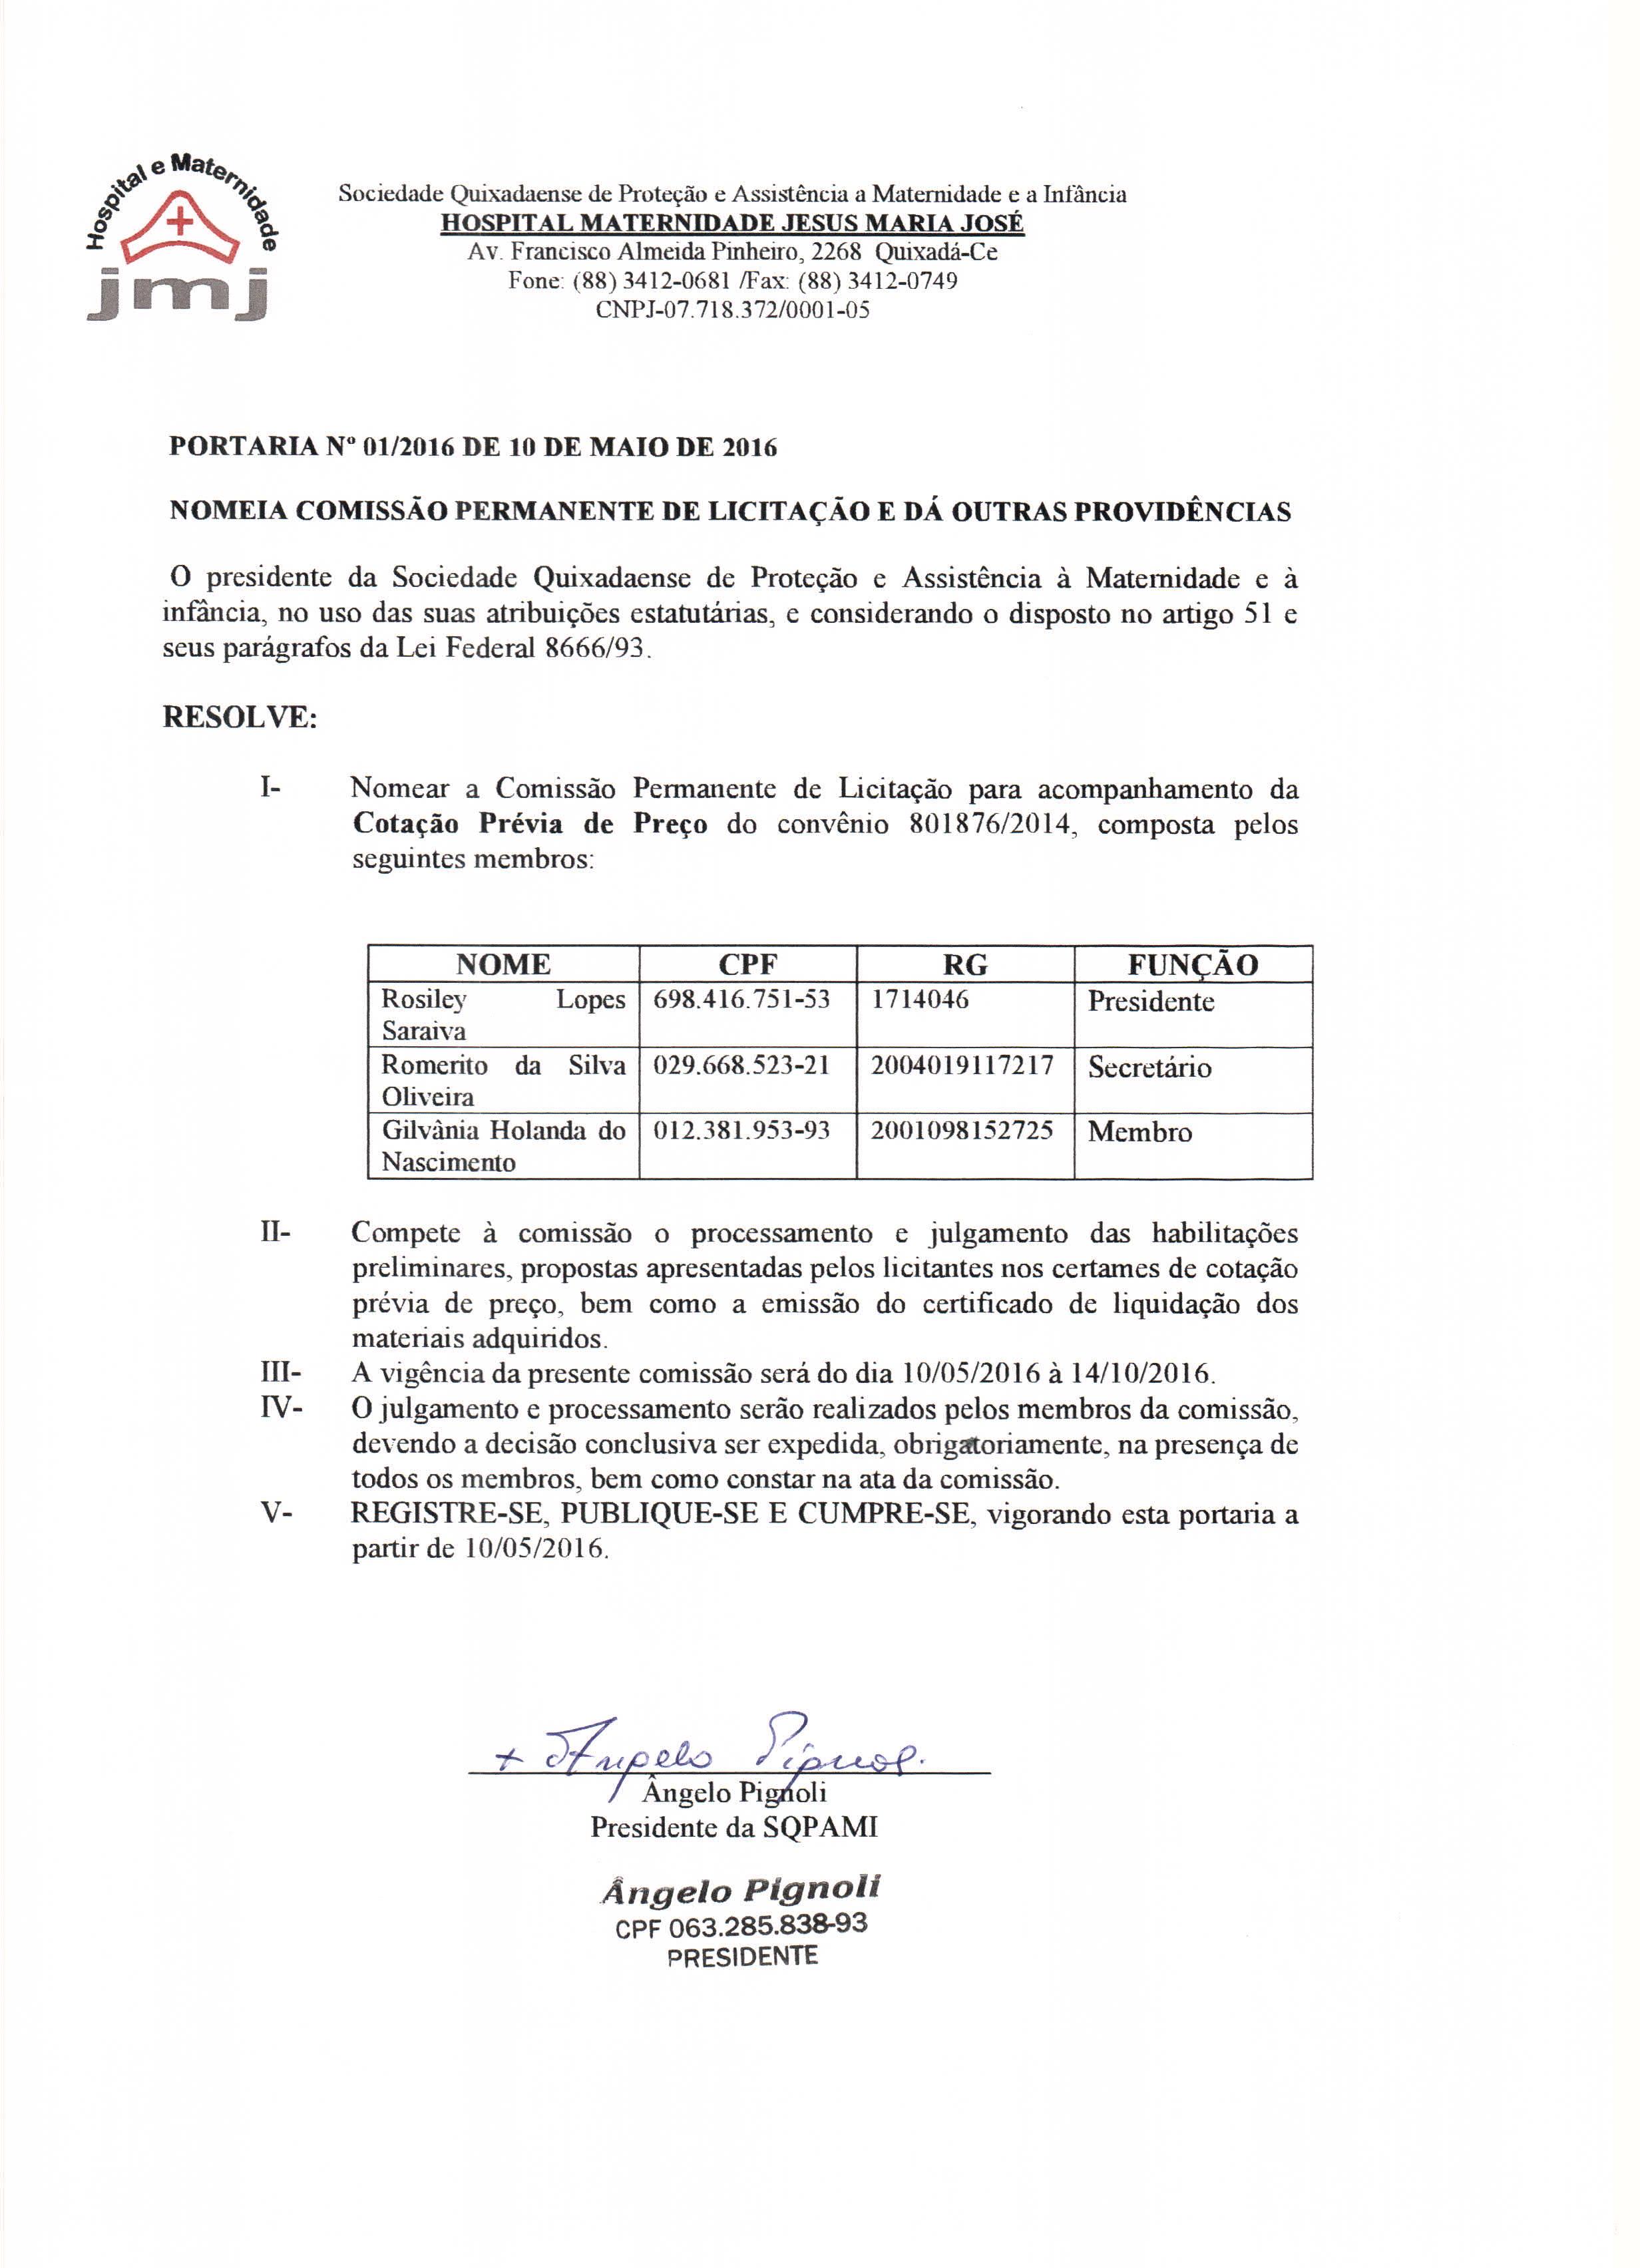 Portaria de Nomeação Comissão de Licitação UTI